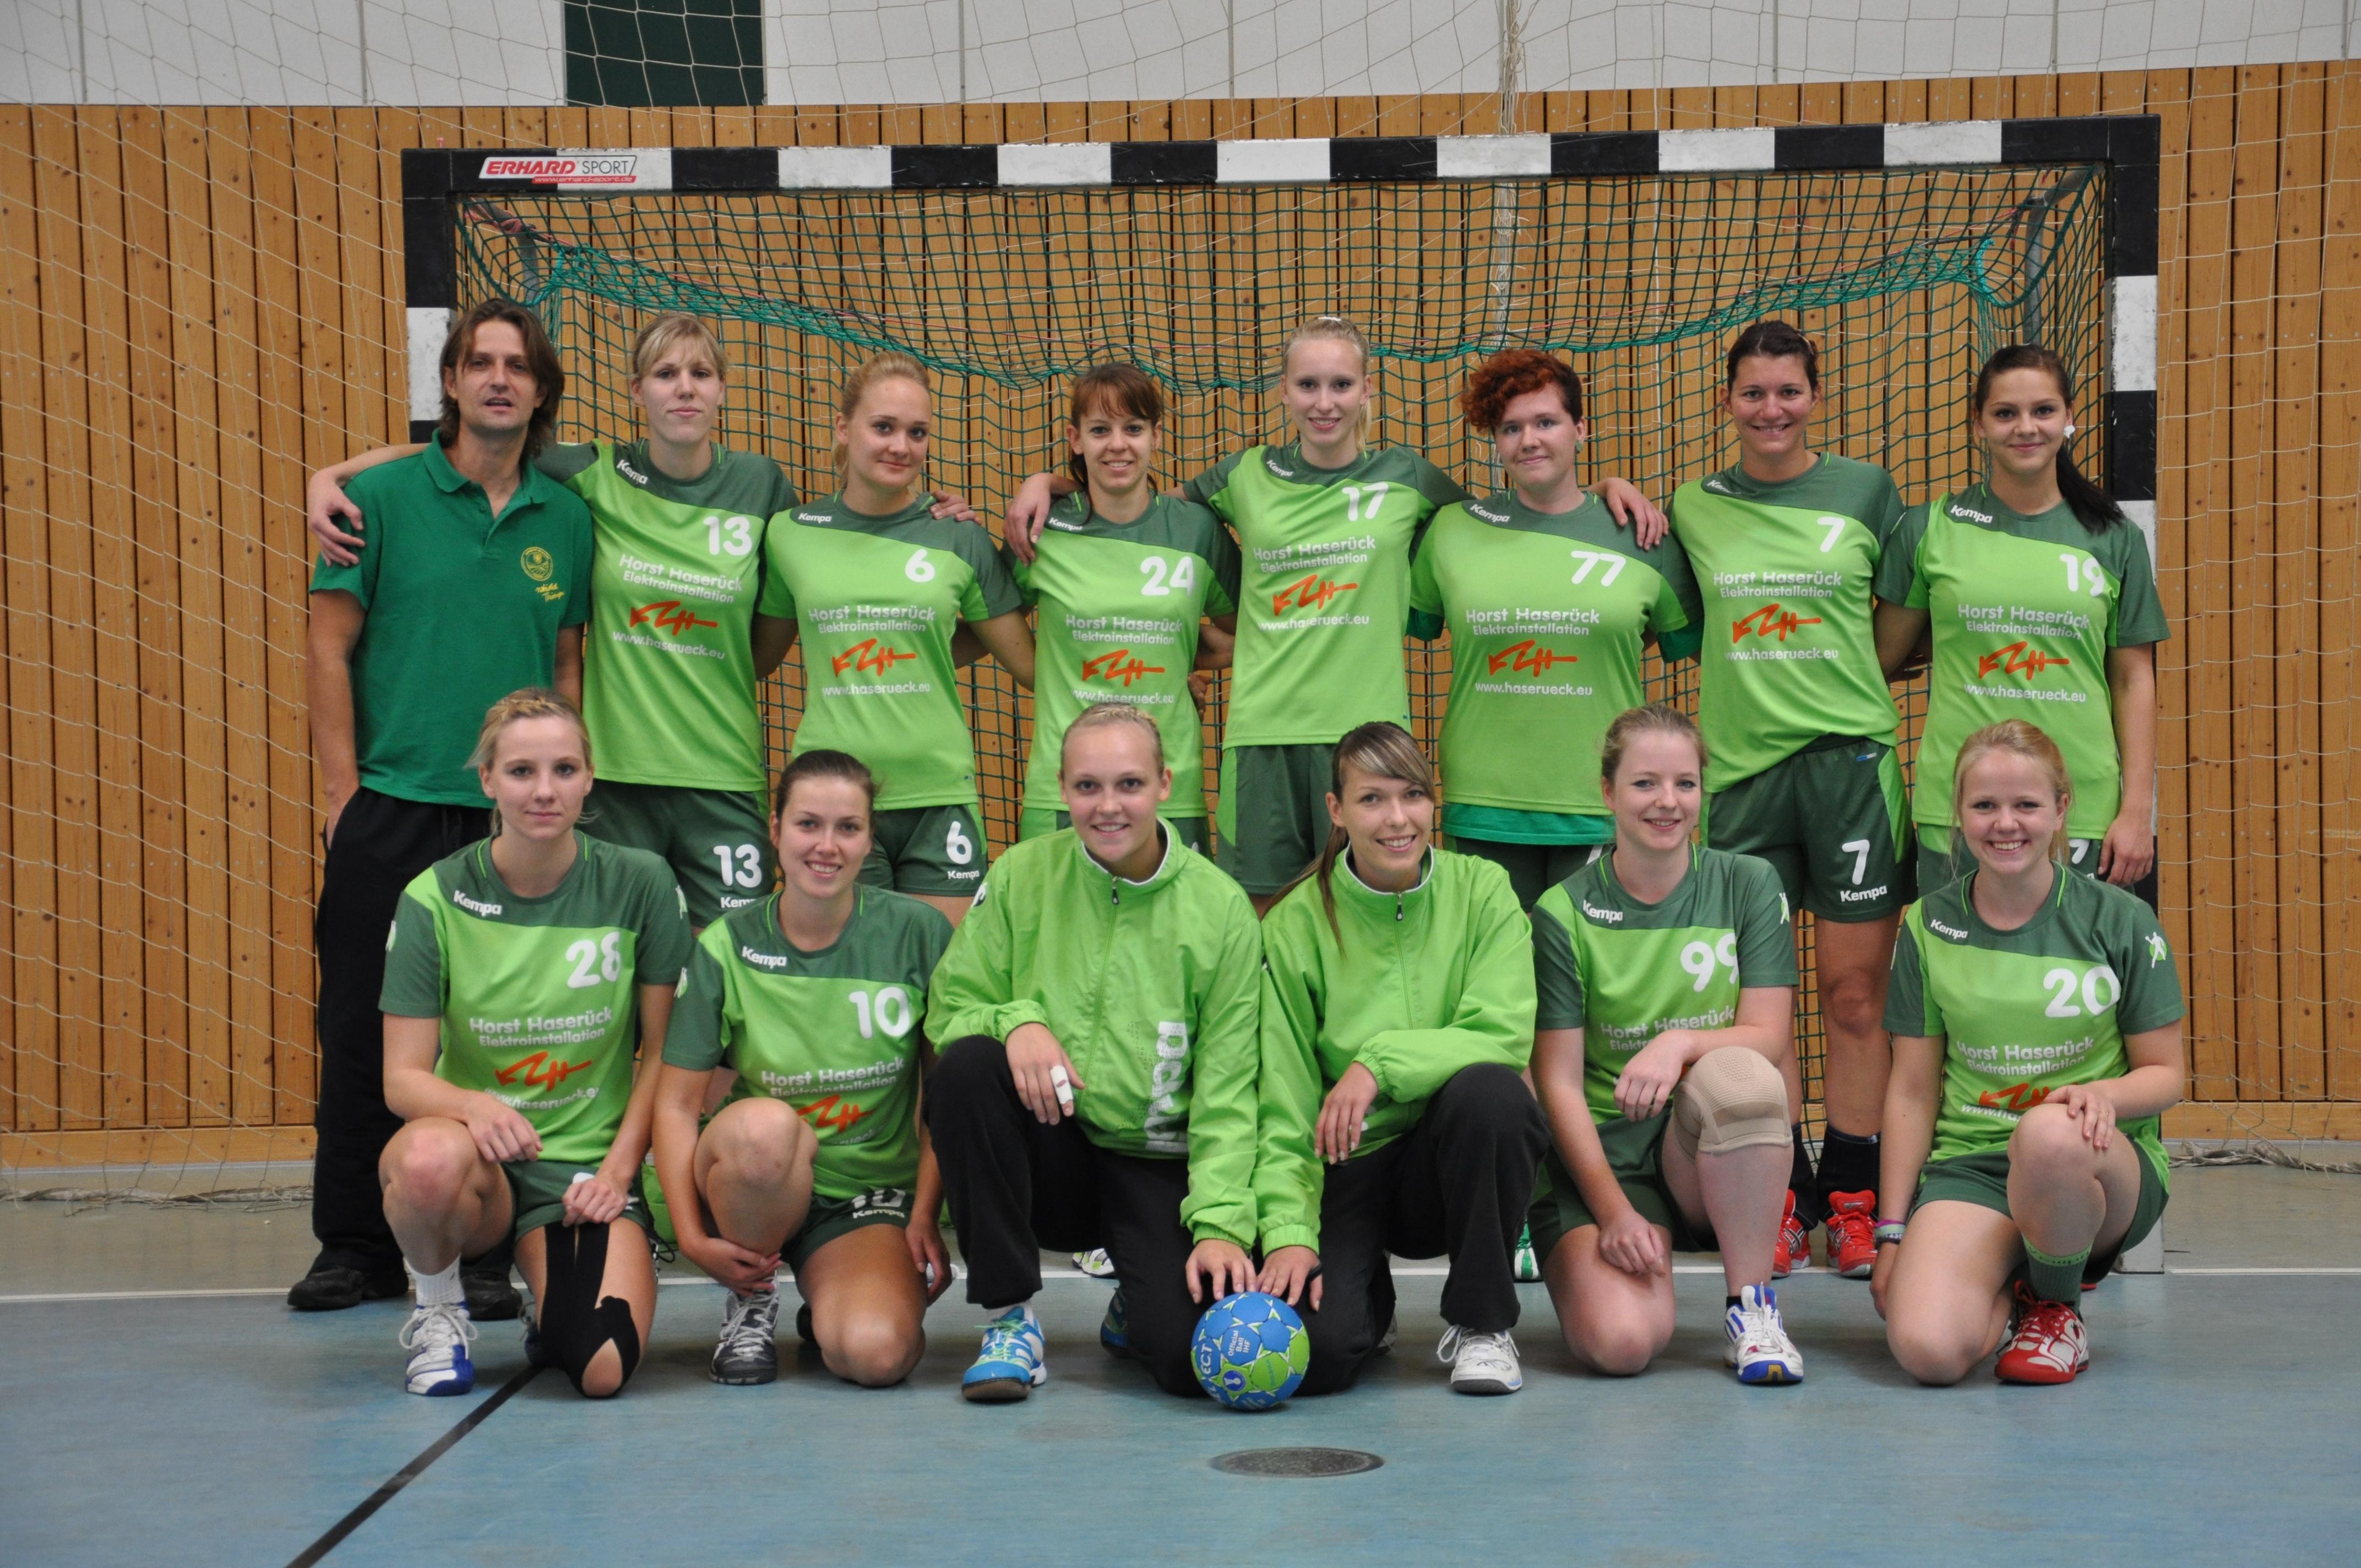 Erster Saisonsieg für die Damen in der Verbandsliga gegen den PHC Wittenberge